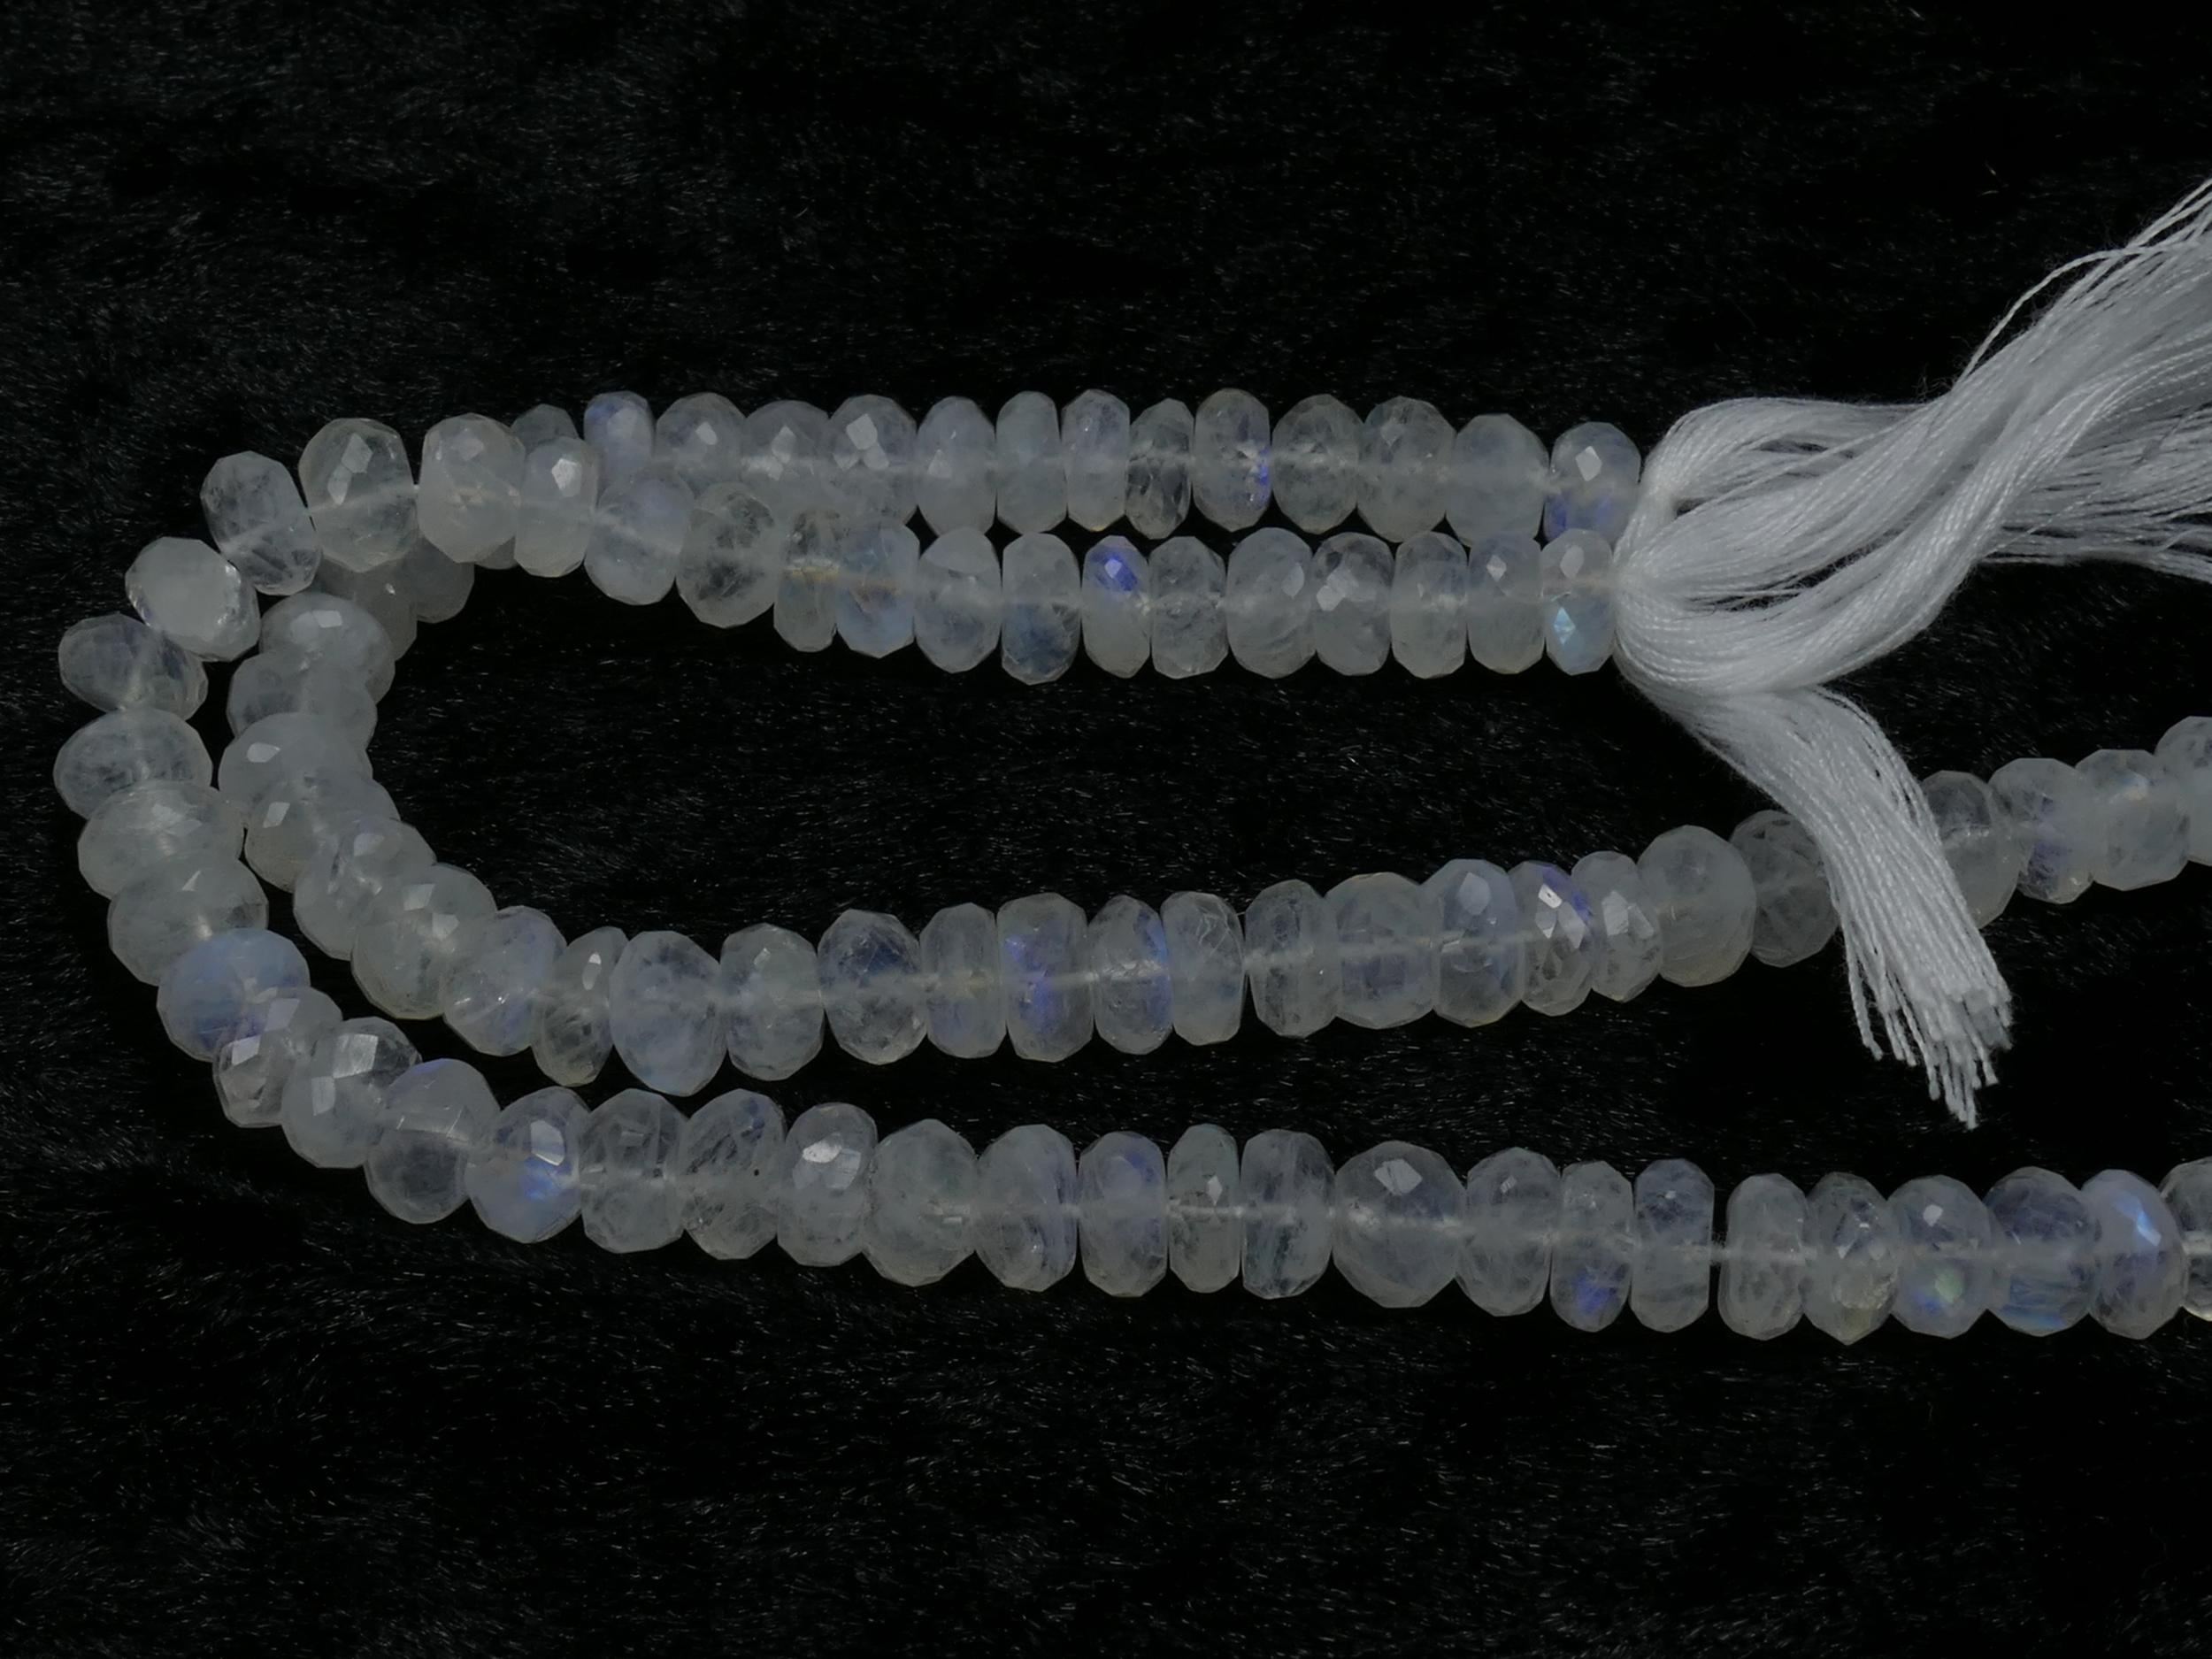 7mm Perle de Pierre de lune naturelle arc-en-ciel rondelle facettée x10cm (3.9inch) (#AC846)